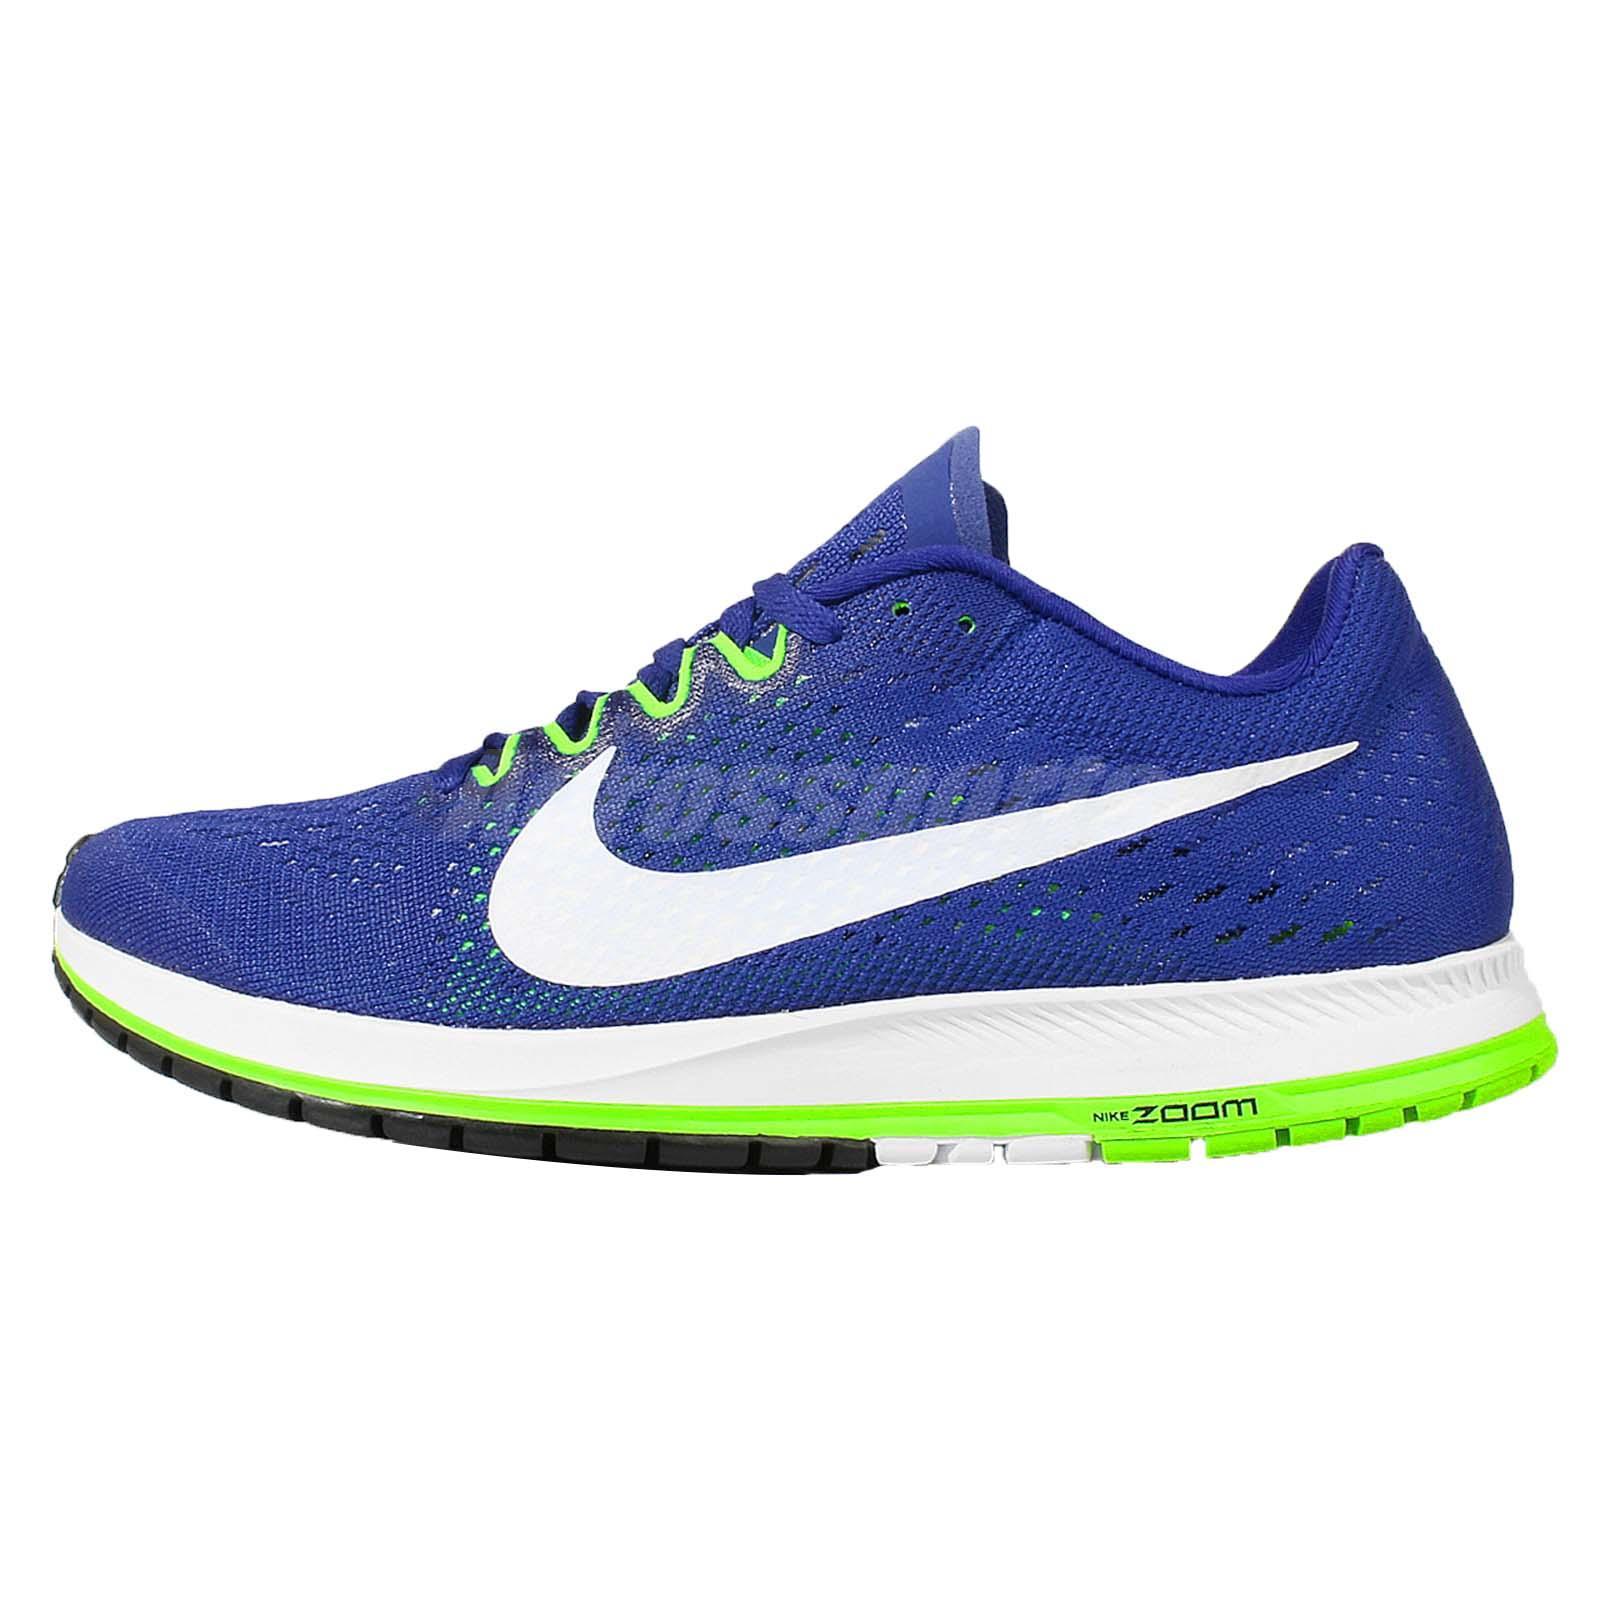 2229b080f0f4a6 New Nike Free 50 Nest Runing Dark Blue Green